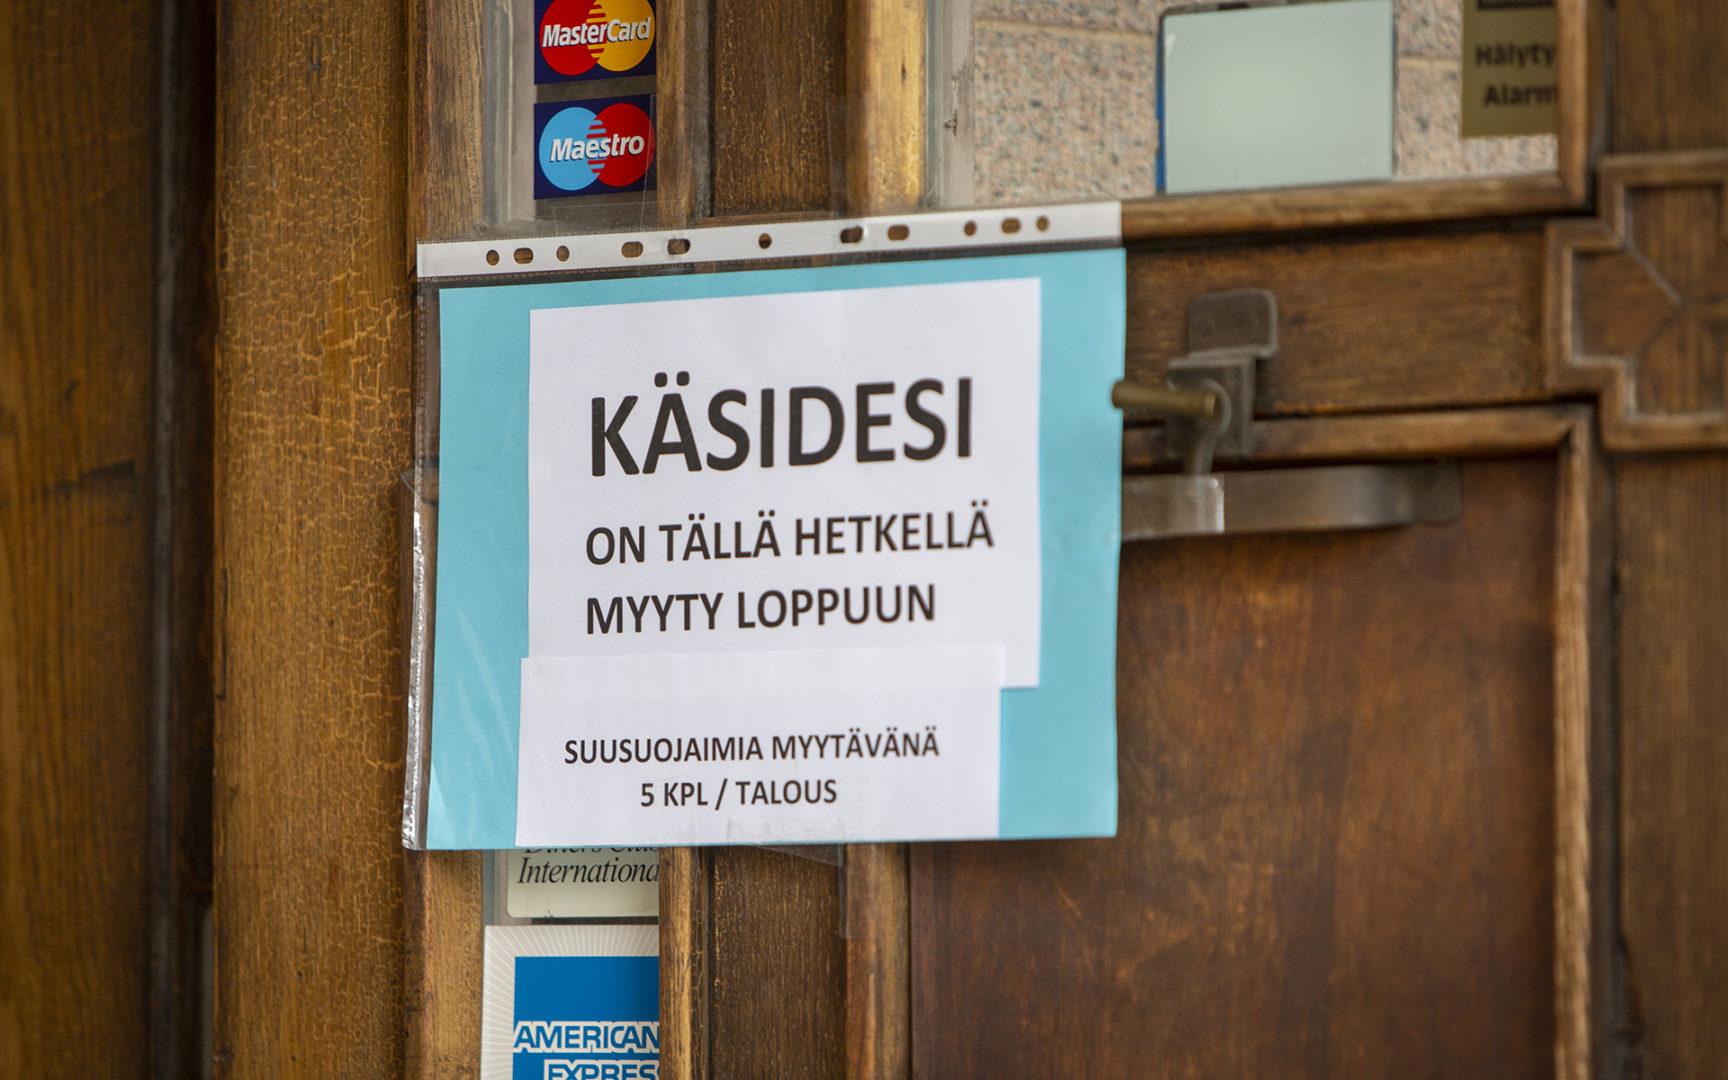 Korona heijastuu suomalaisten arkeen monin tavoin.